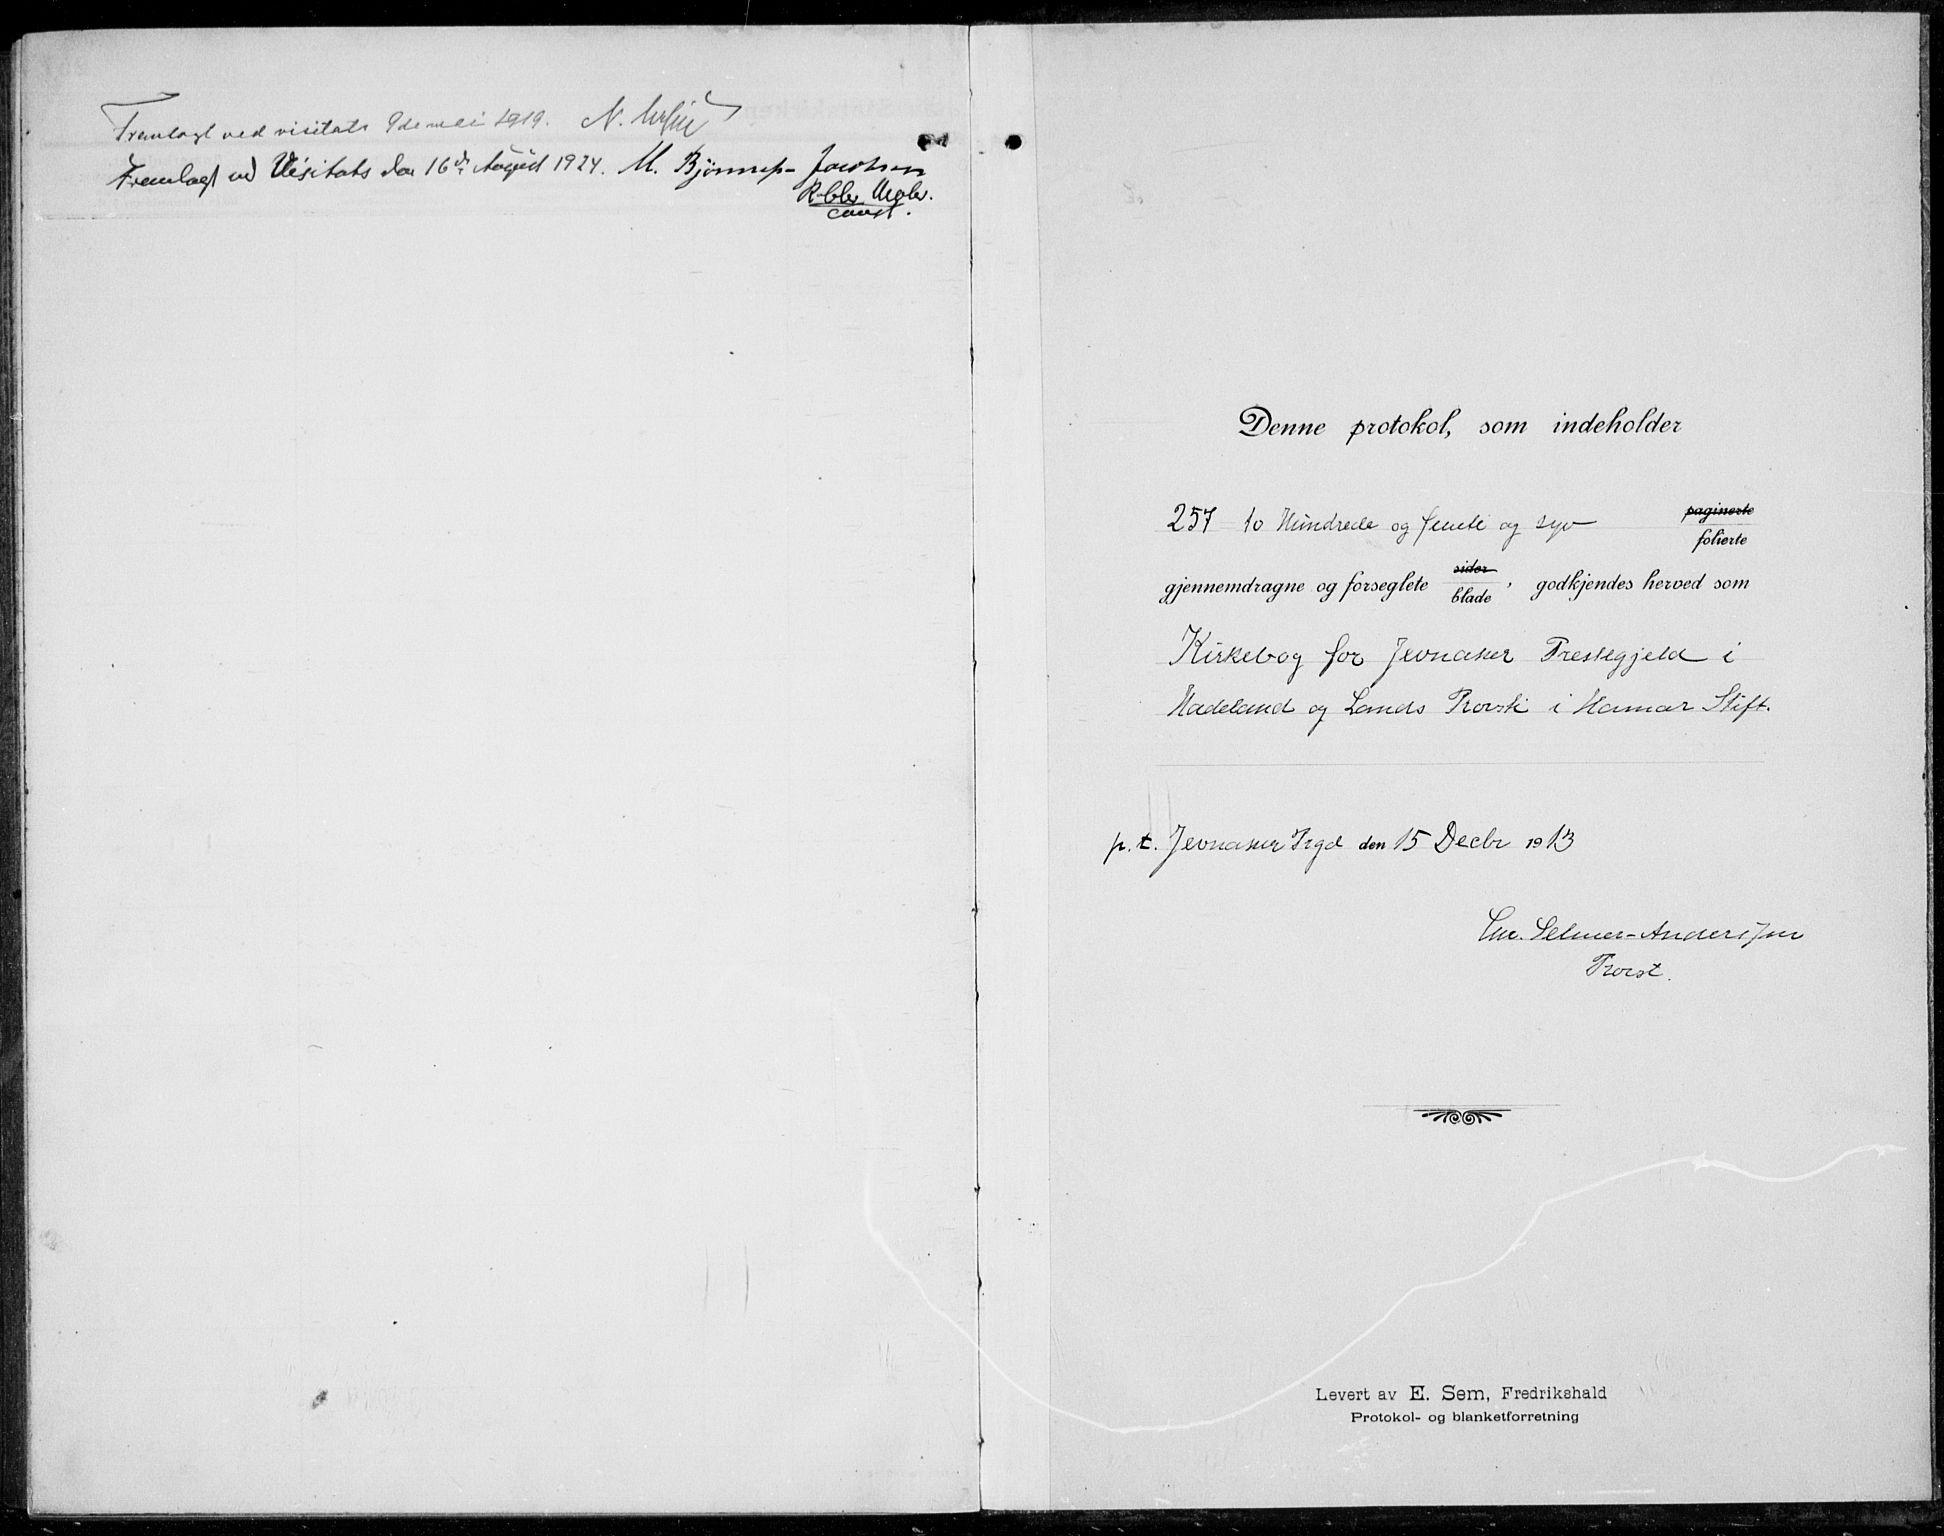 SAH, Jevnaker prestekontor, Ministerialbok nr. 12, 1914-1924